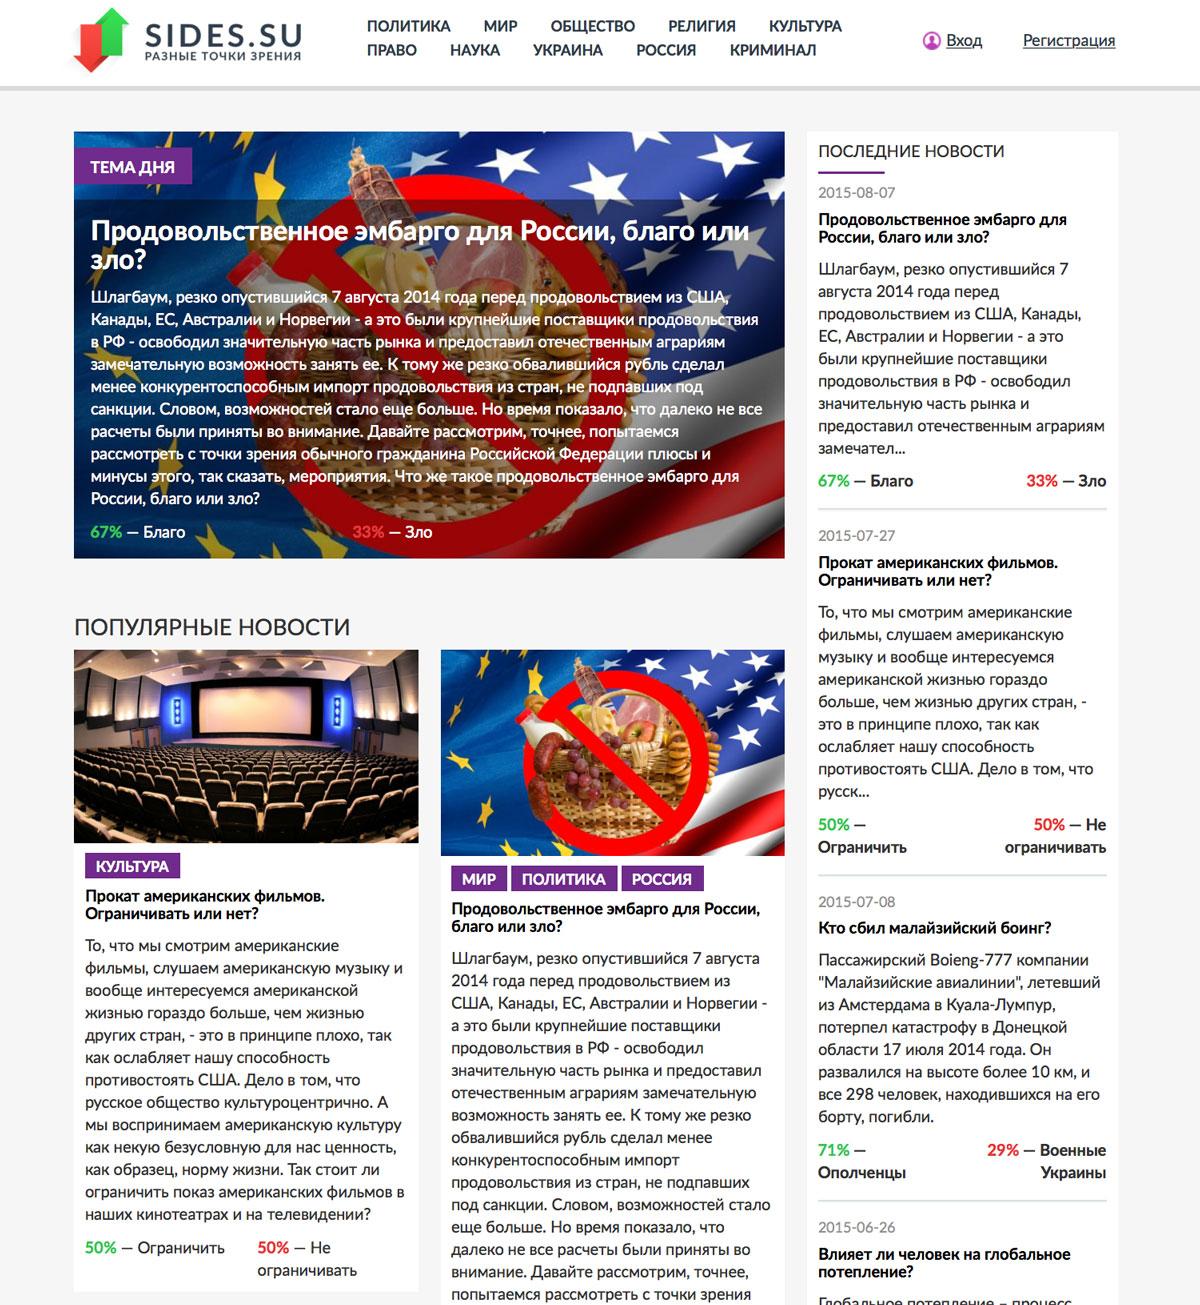 Sides - новостной портал